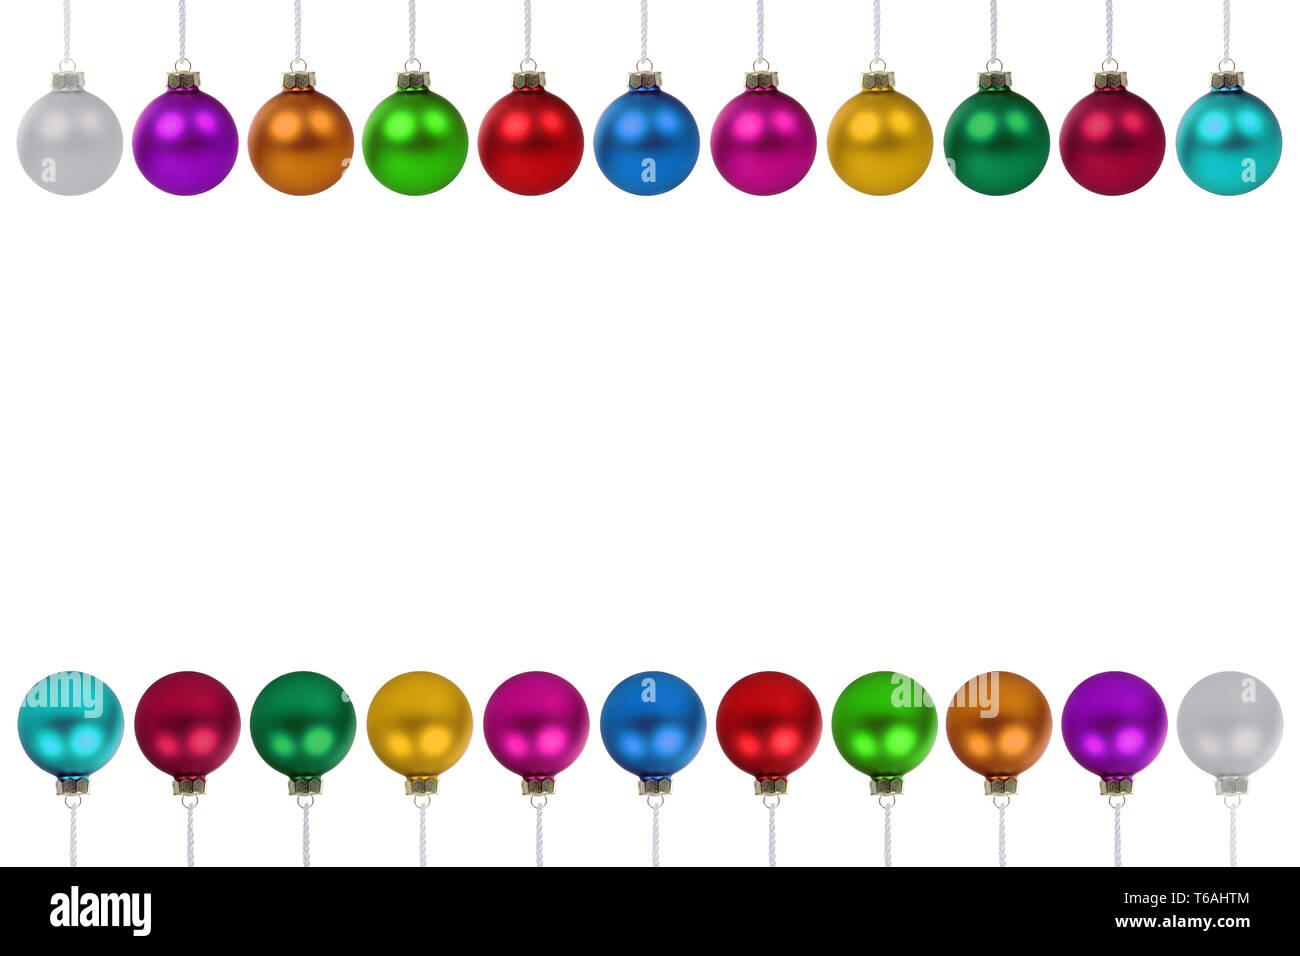 Weihnachtskugeln Weihnachten viele bunte Kugeln Textfreiraum Copyspace Freisteller freigestellt isoliert - Stock Image